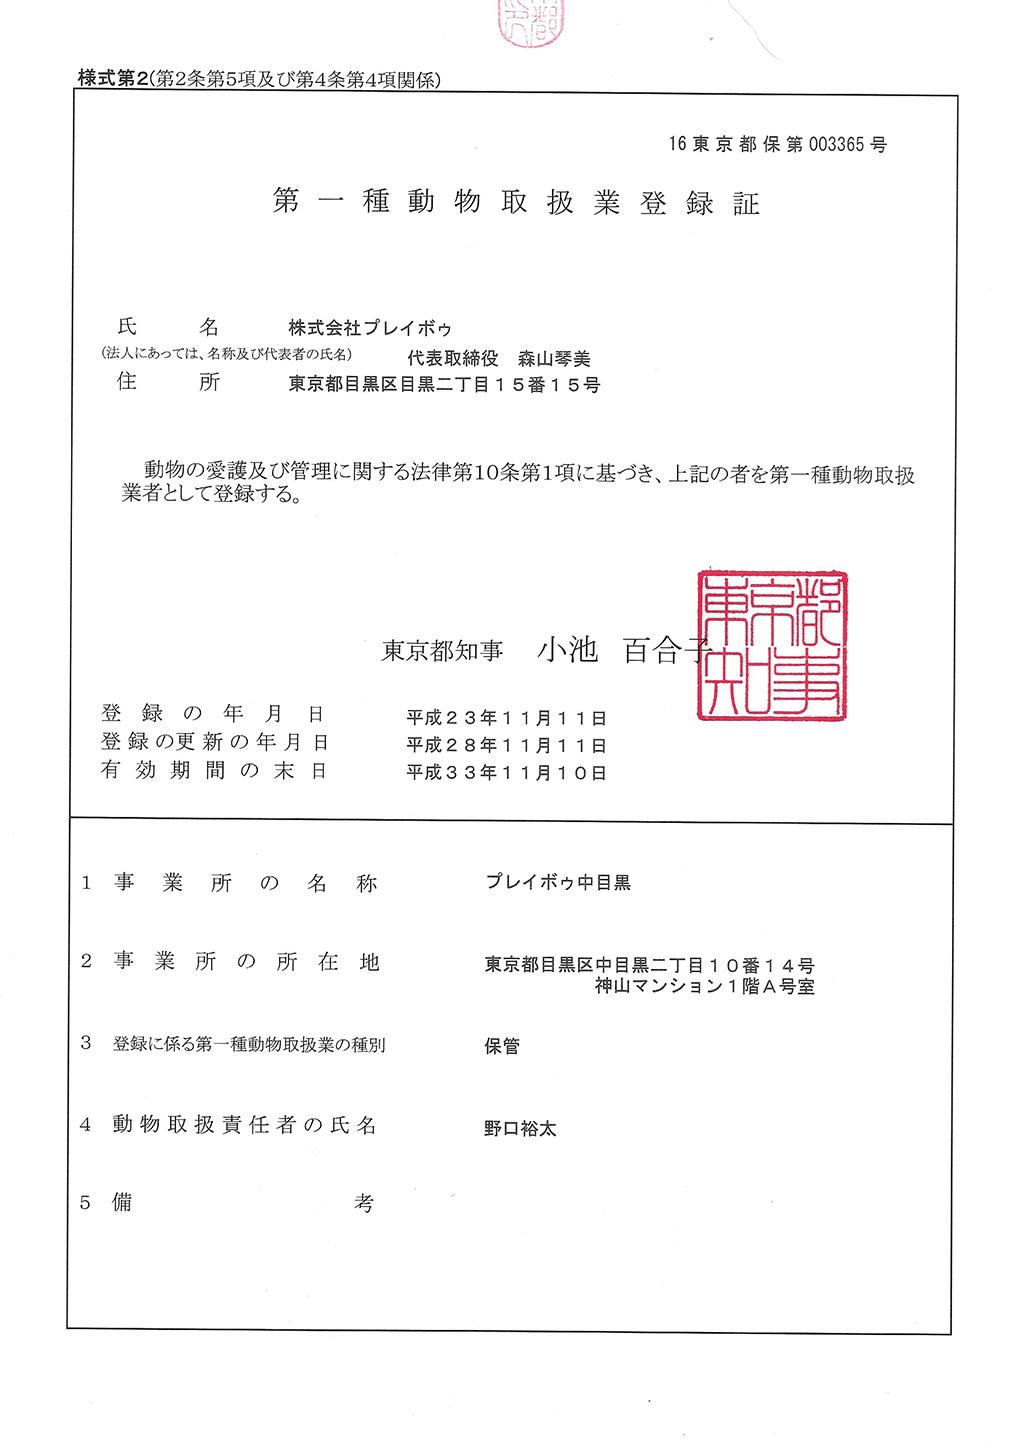 動物取扱業登録証(保管)